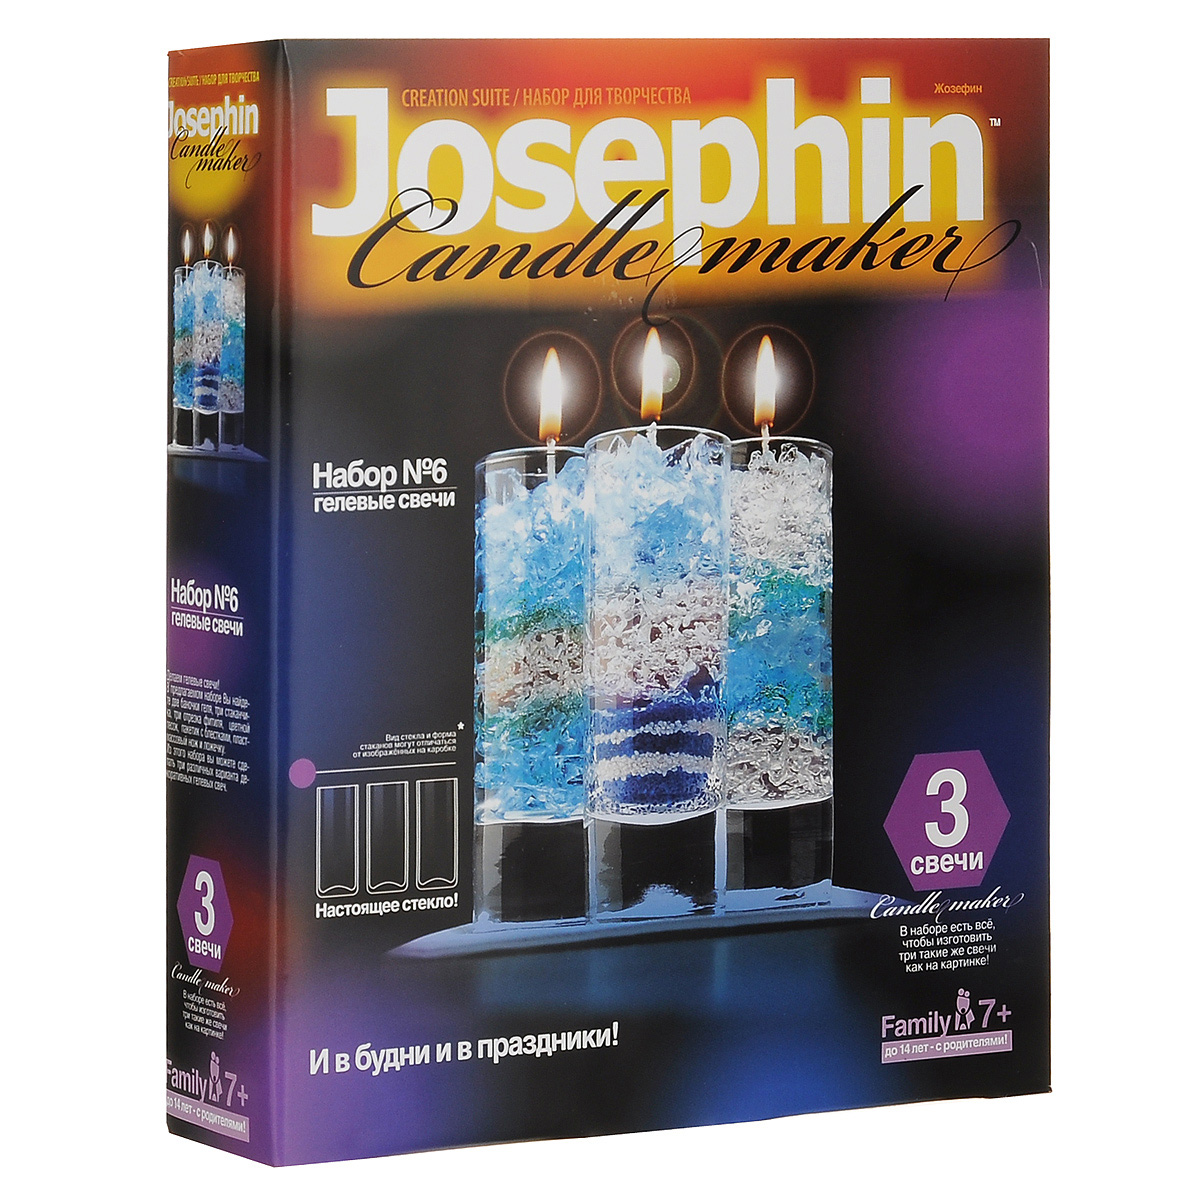 """В наборе для изготовления гелевых свечей """"Josephin №6"""" вы найдете две баночки геля, три стаканчика, три отрезка фитиля, цветной песок, пакетик с блестками, пластмассовый нож, ложечку и подробную инструкцию по работе с набором. Из этого набора вы сможете изготовить три различных варианта декоративных гелевых свечей. Кто не мечтал о своем """"маленьком свечном заводике""""? Вот он! Праздник, семейное торжество или обычный день - набор отлично подойдет для подарка, для эксклюзивно изготовленного украшения праздника или просто позволит увлекательно и уютно провести вечер в семейном кругу. Это своего рода соревнование в фантазии и вкусе, изобретательности и декоративном таланте. Огромное количество всевозможных узоров, красок, эффектов. Создай свою коллекцию! Детям до 14 лет под присмотром родителей."""